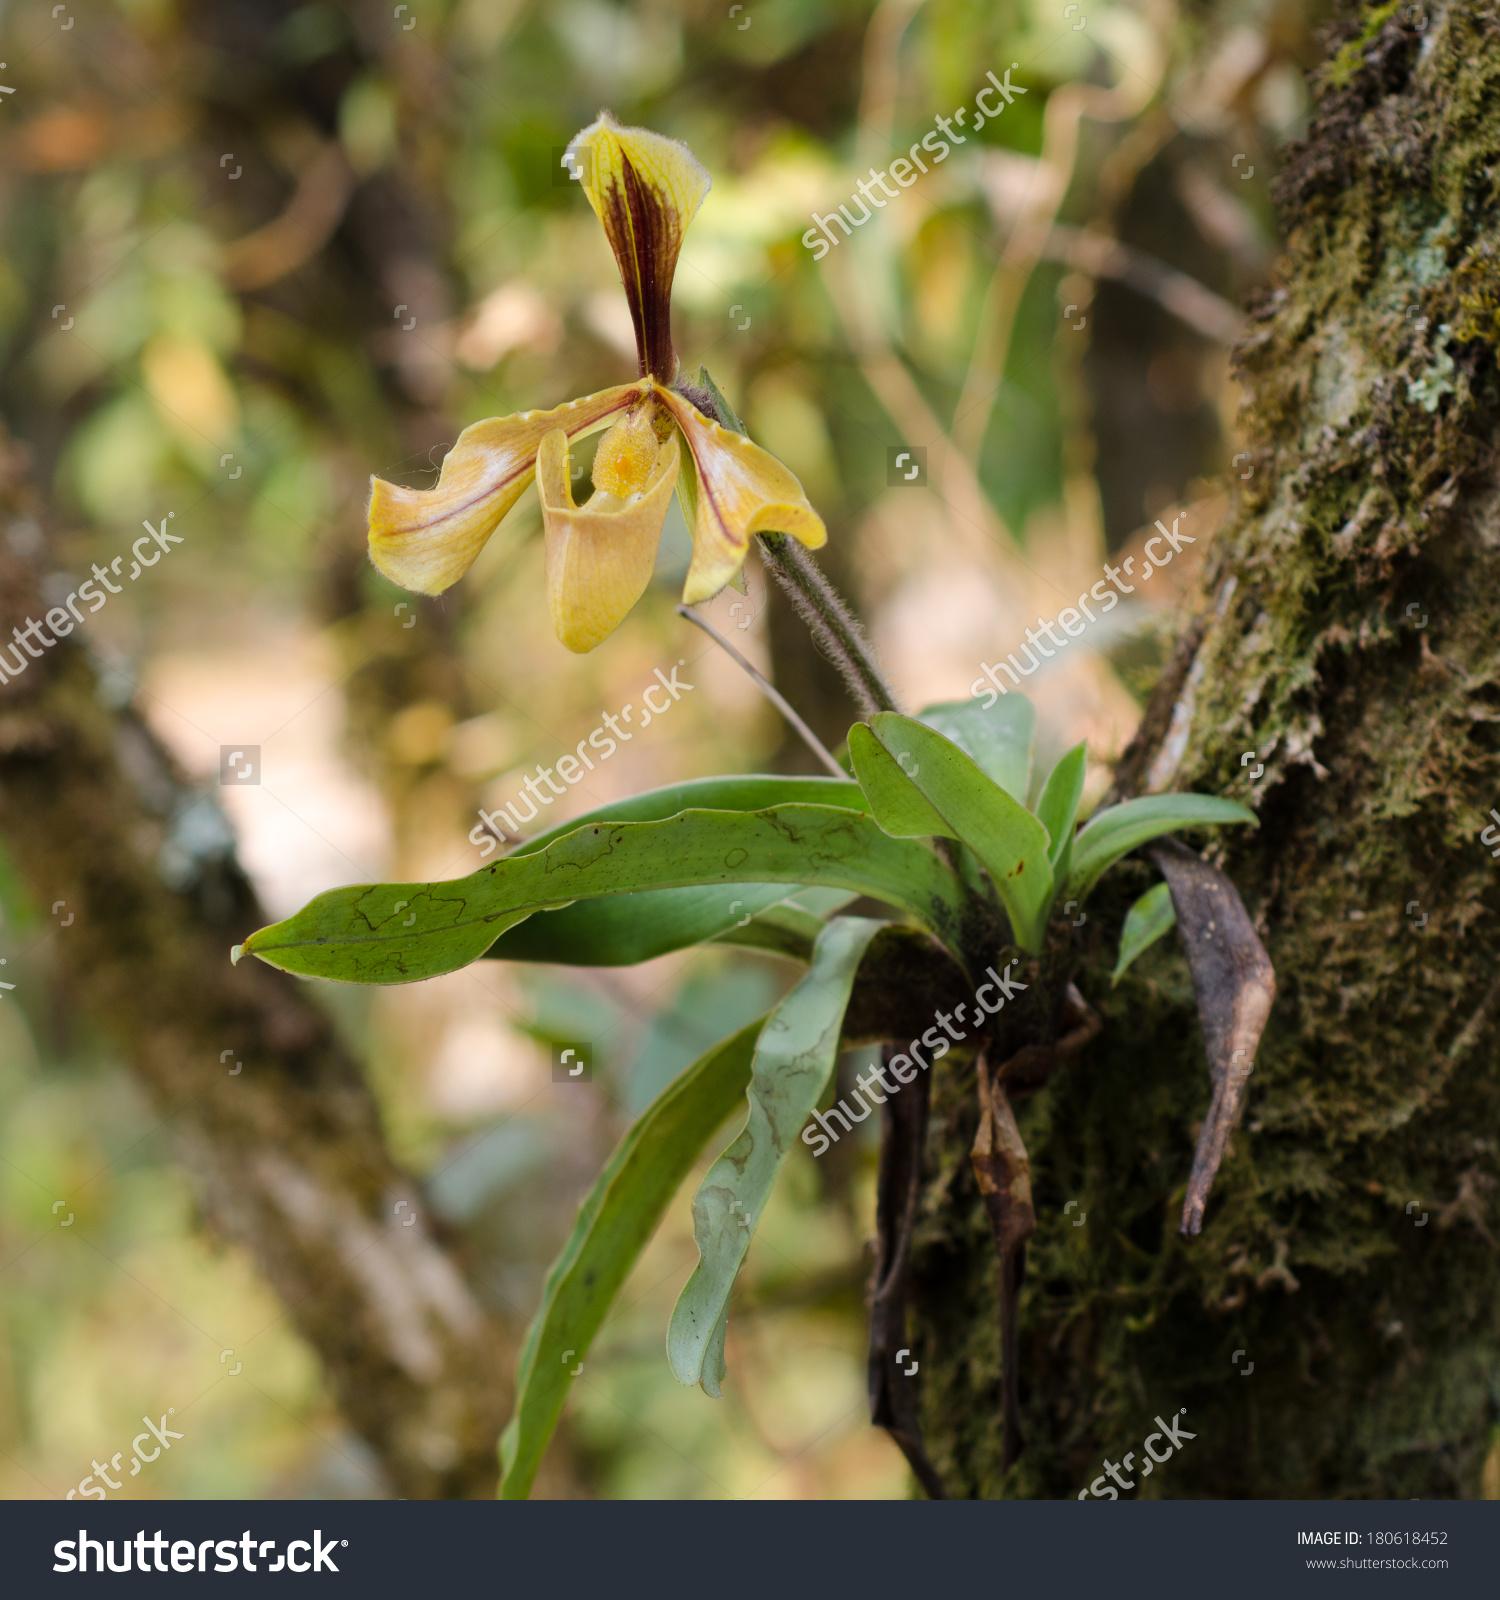 Paphiopedilum Villosum Wild Orchid In Thailand Stock Photo.